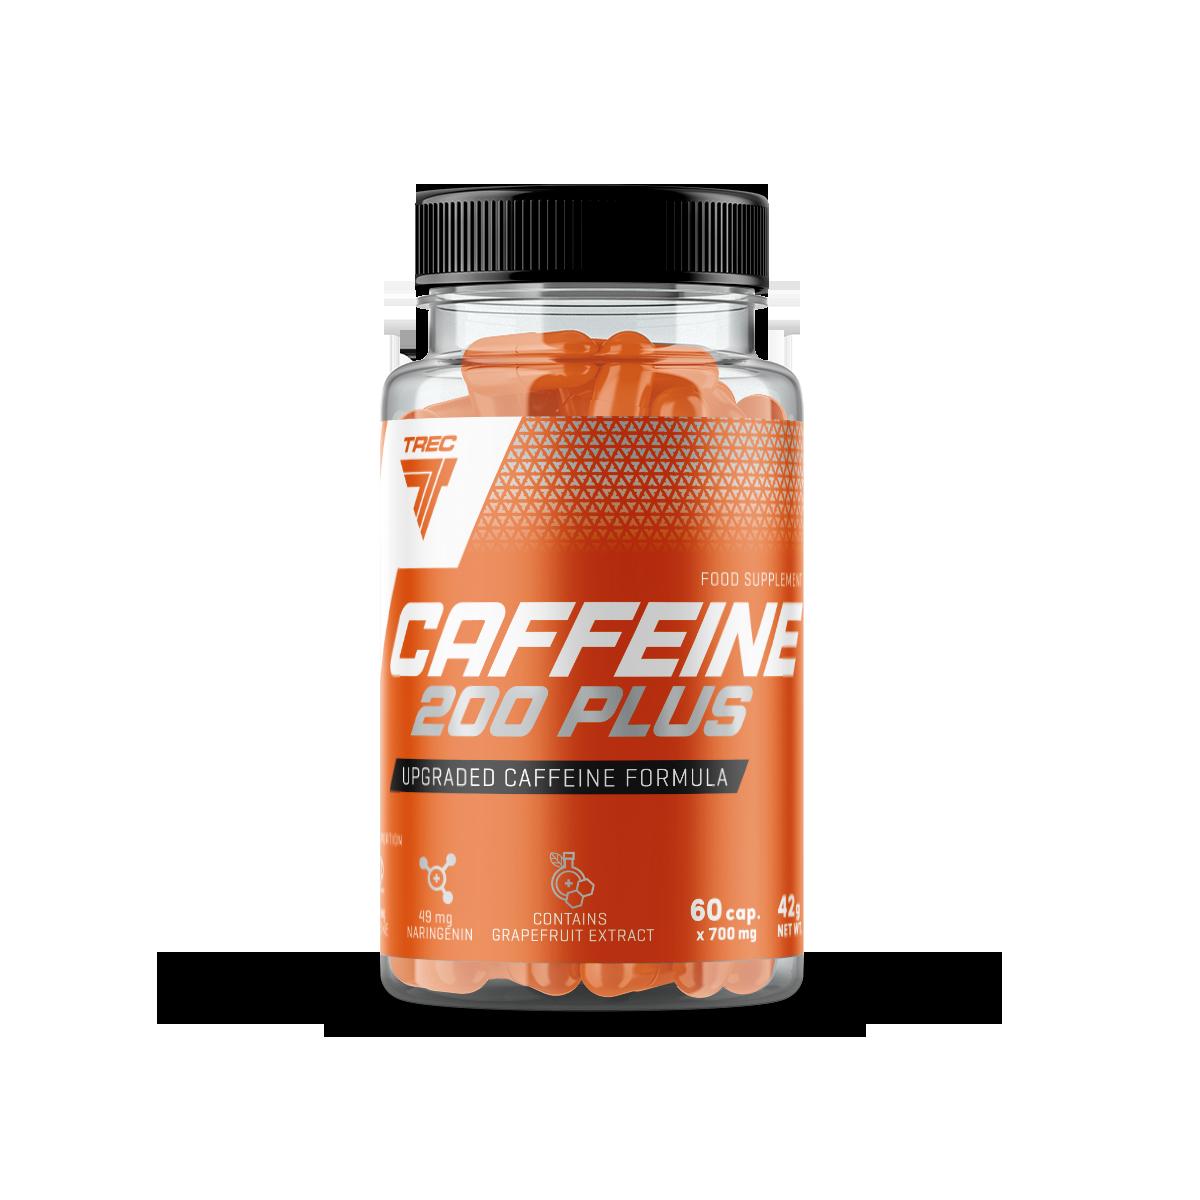 CAFFEINE_200PLUS_60 cap